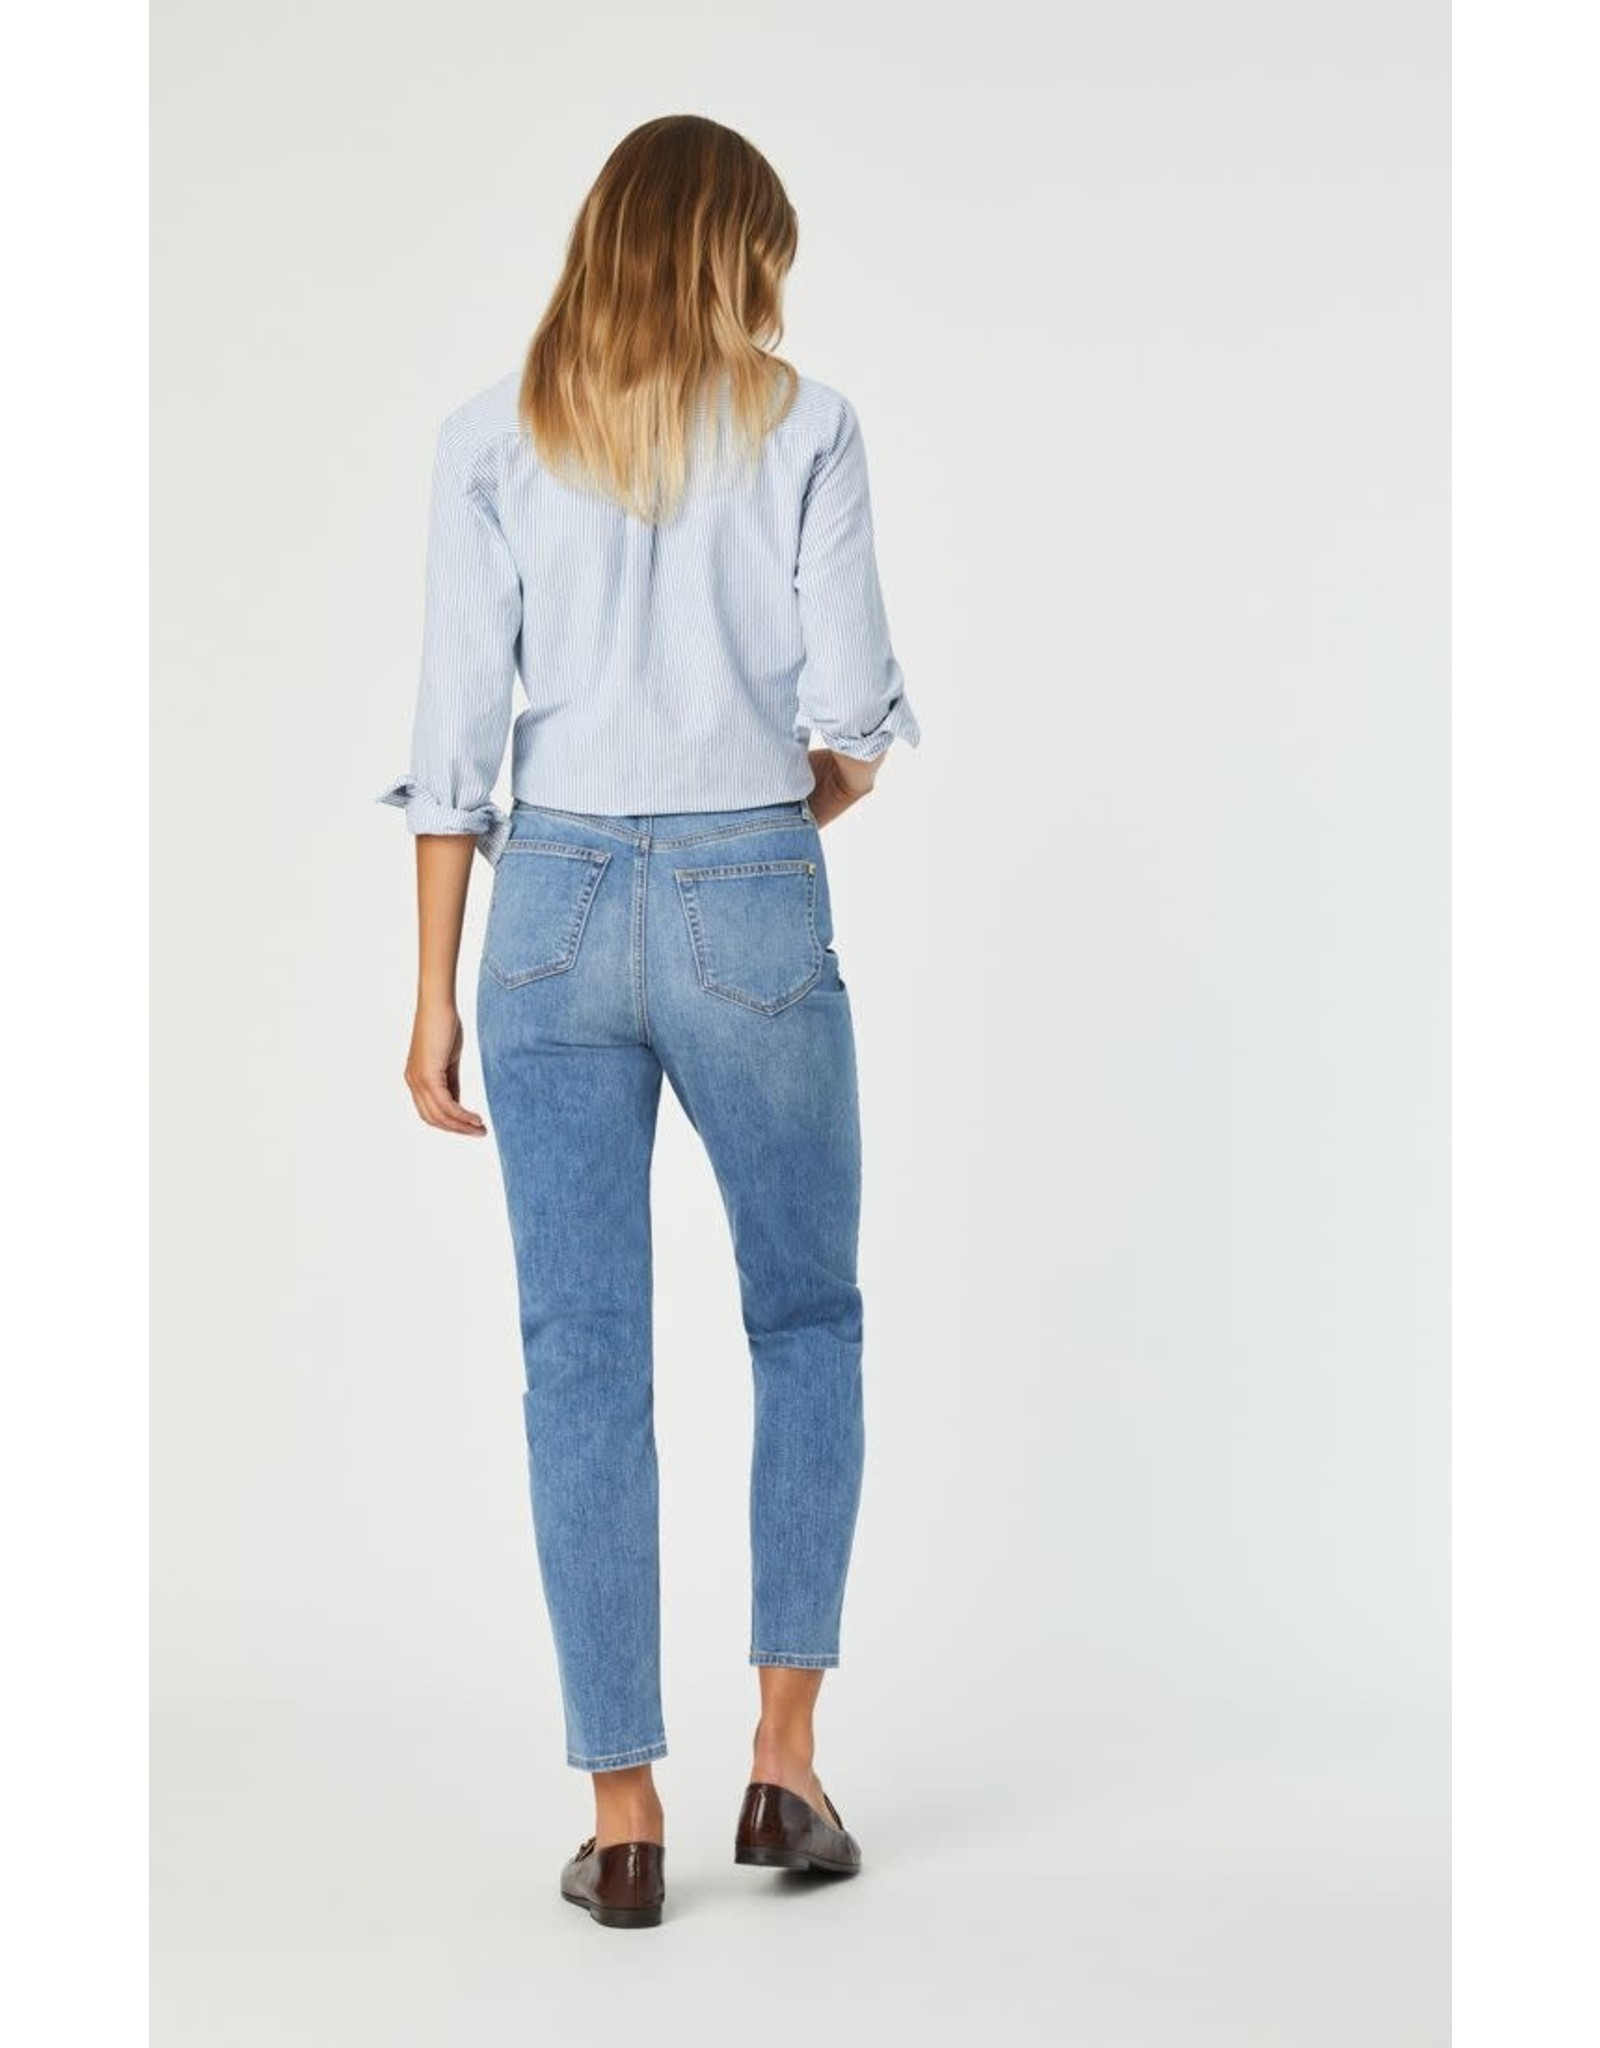 Mavi Jeans Star Foggy vintage Mavi